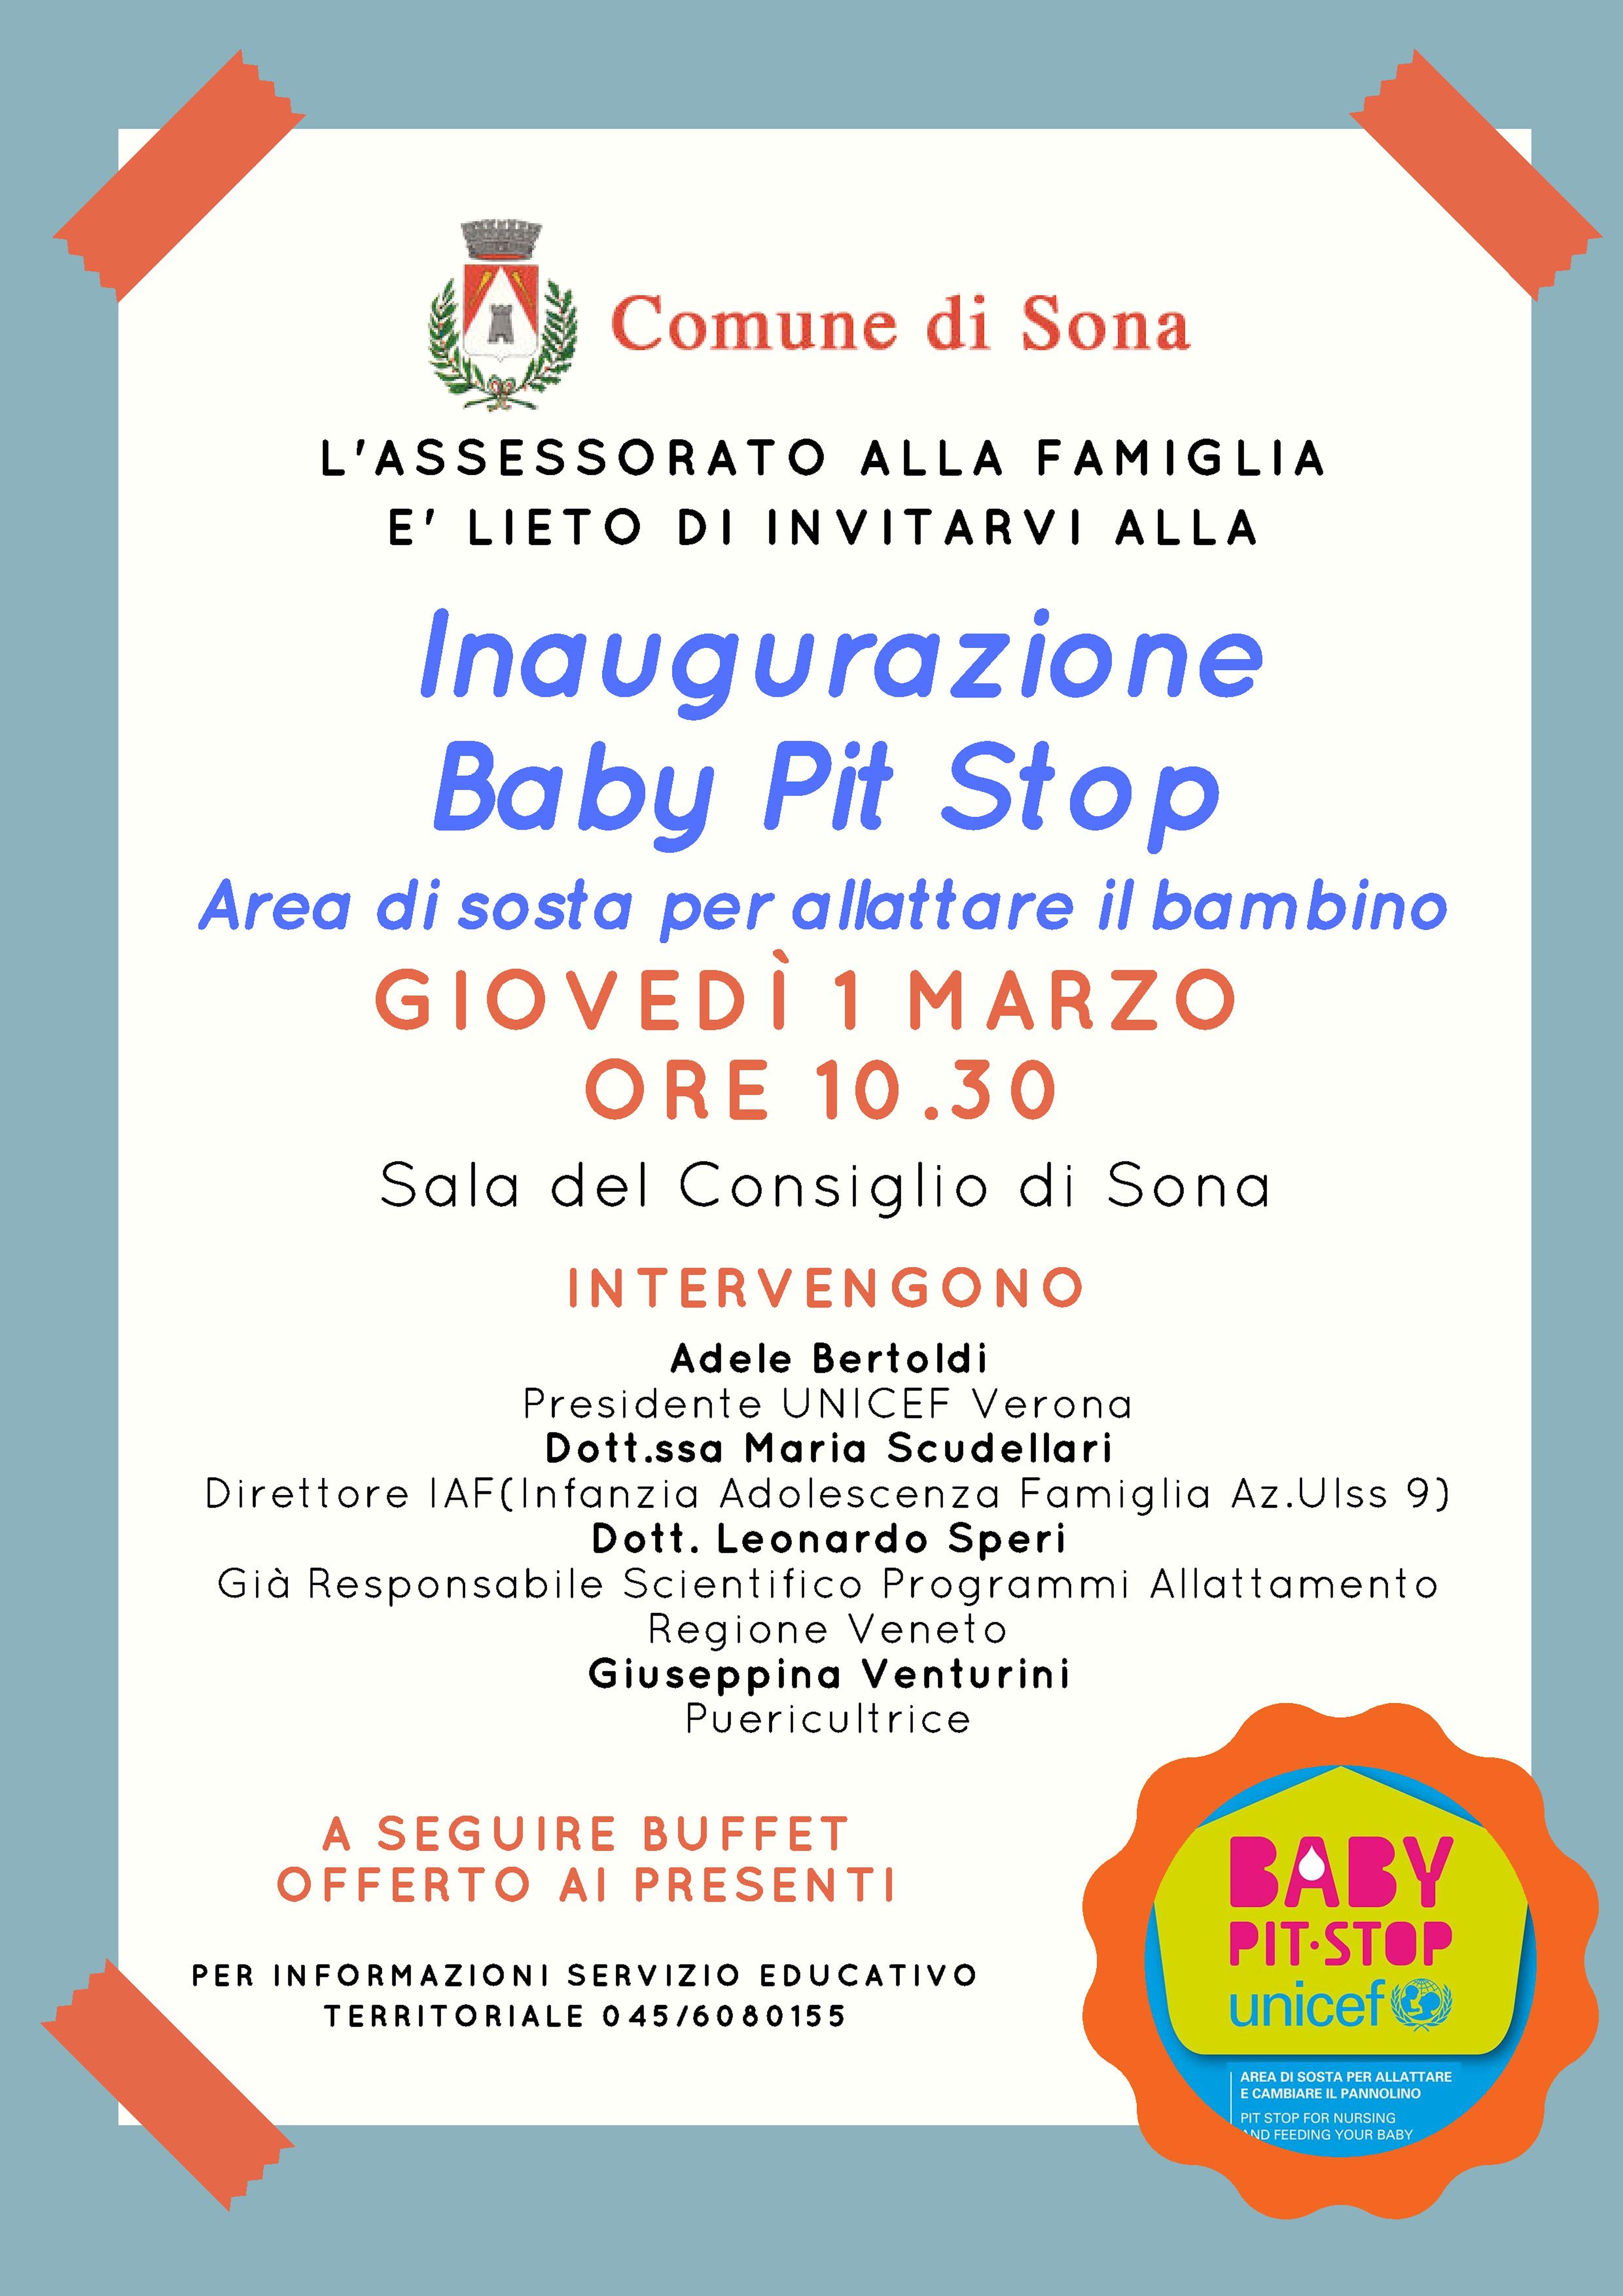 Un nuovo Baby Pit Stop a Sona in provincia di Verona